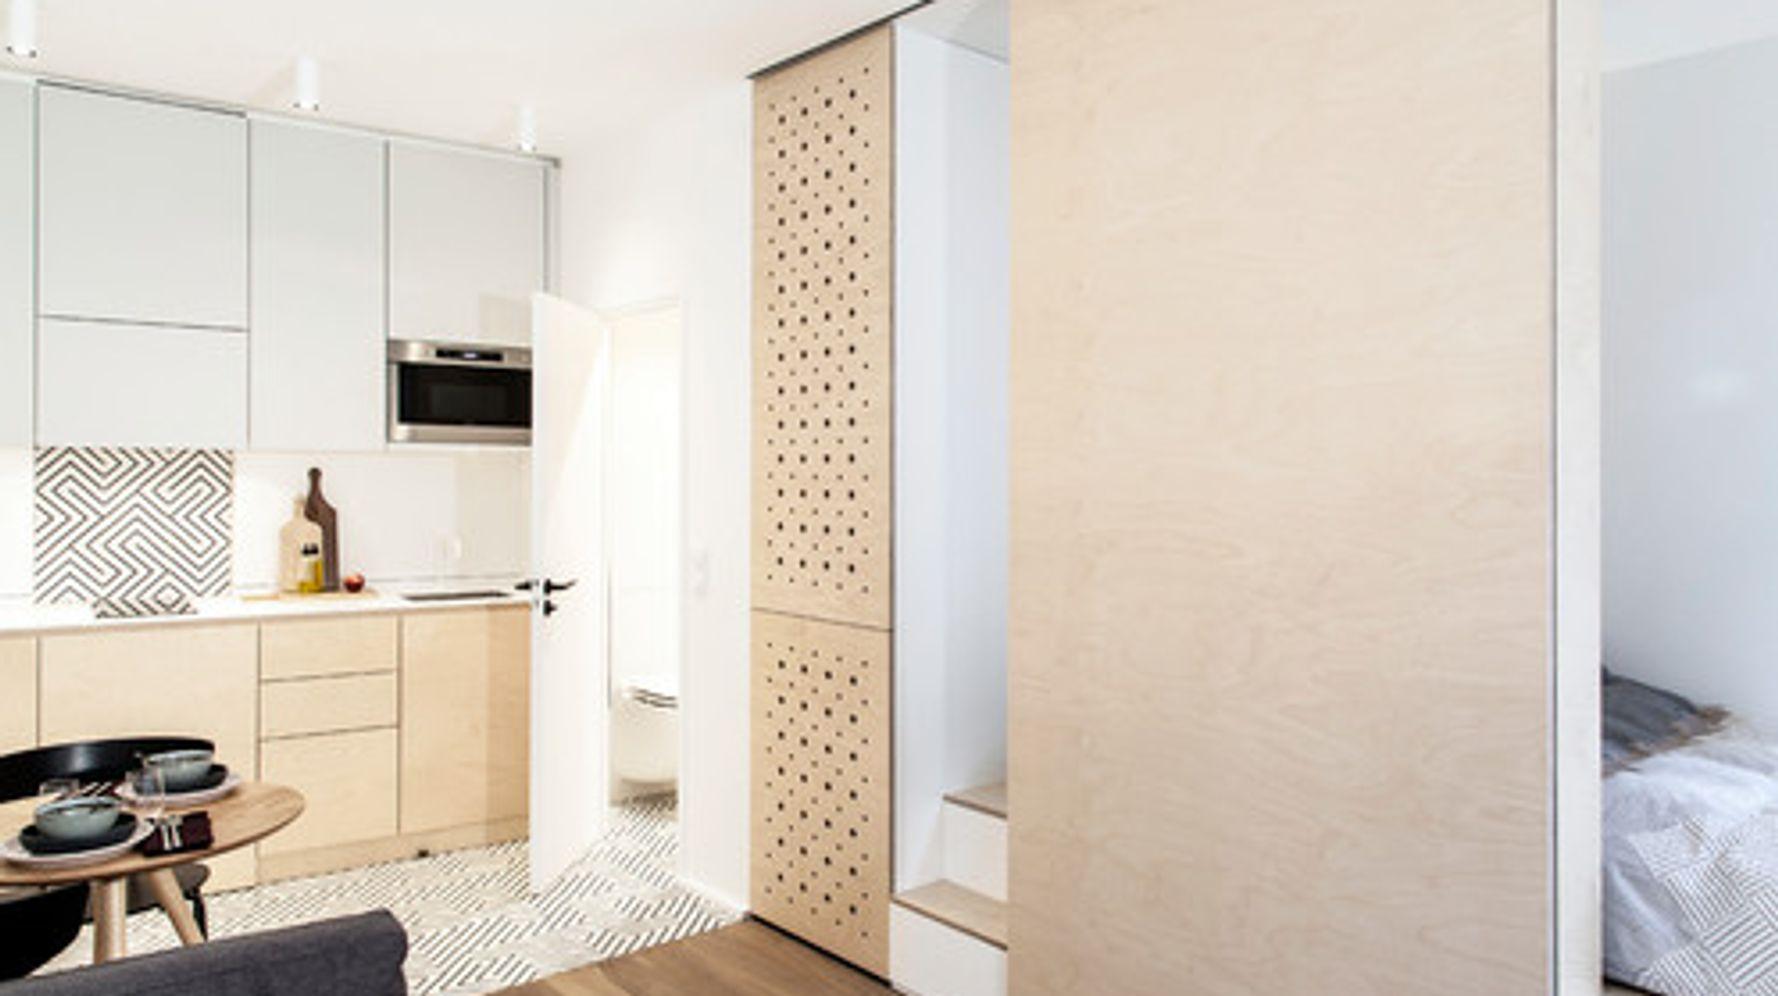 Architecte Interieur Paris Petite Surface ce studio parisien a été rénové ingénieusement pour gagner